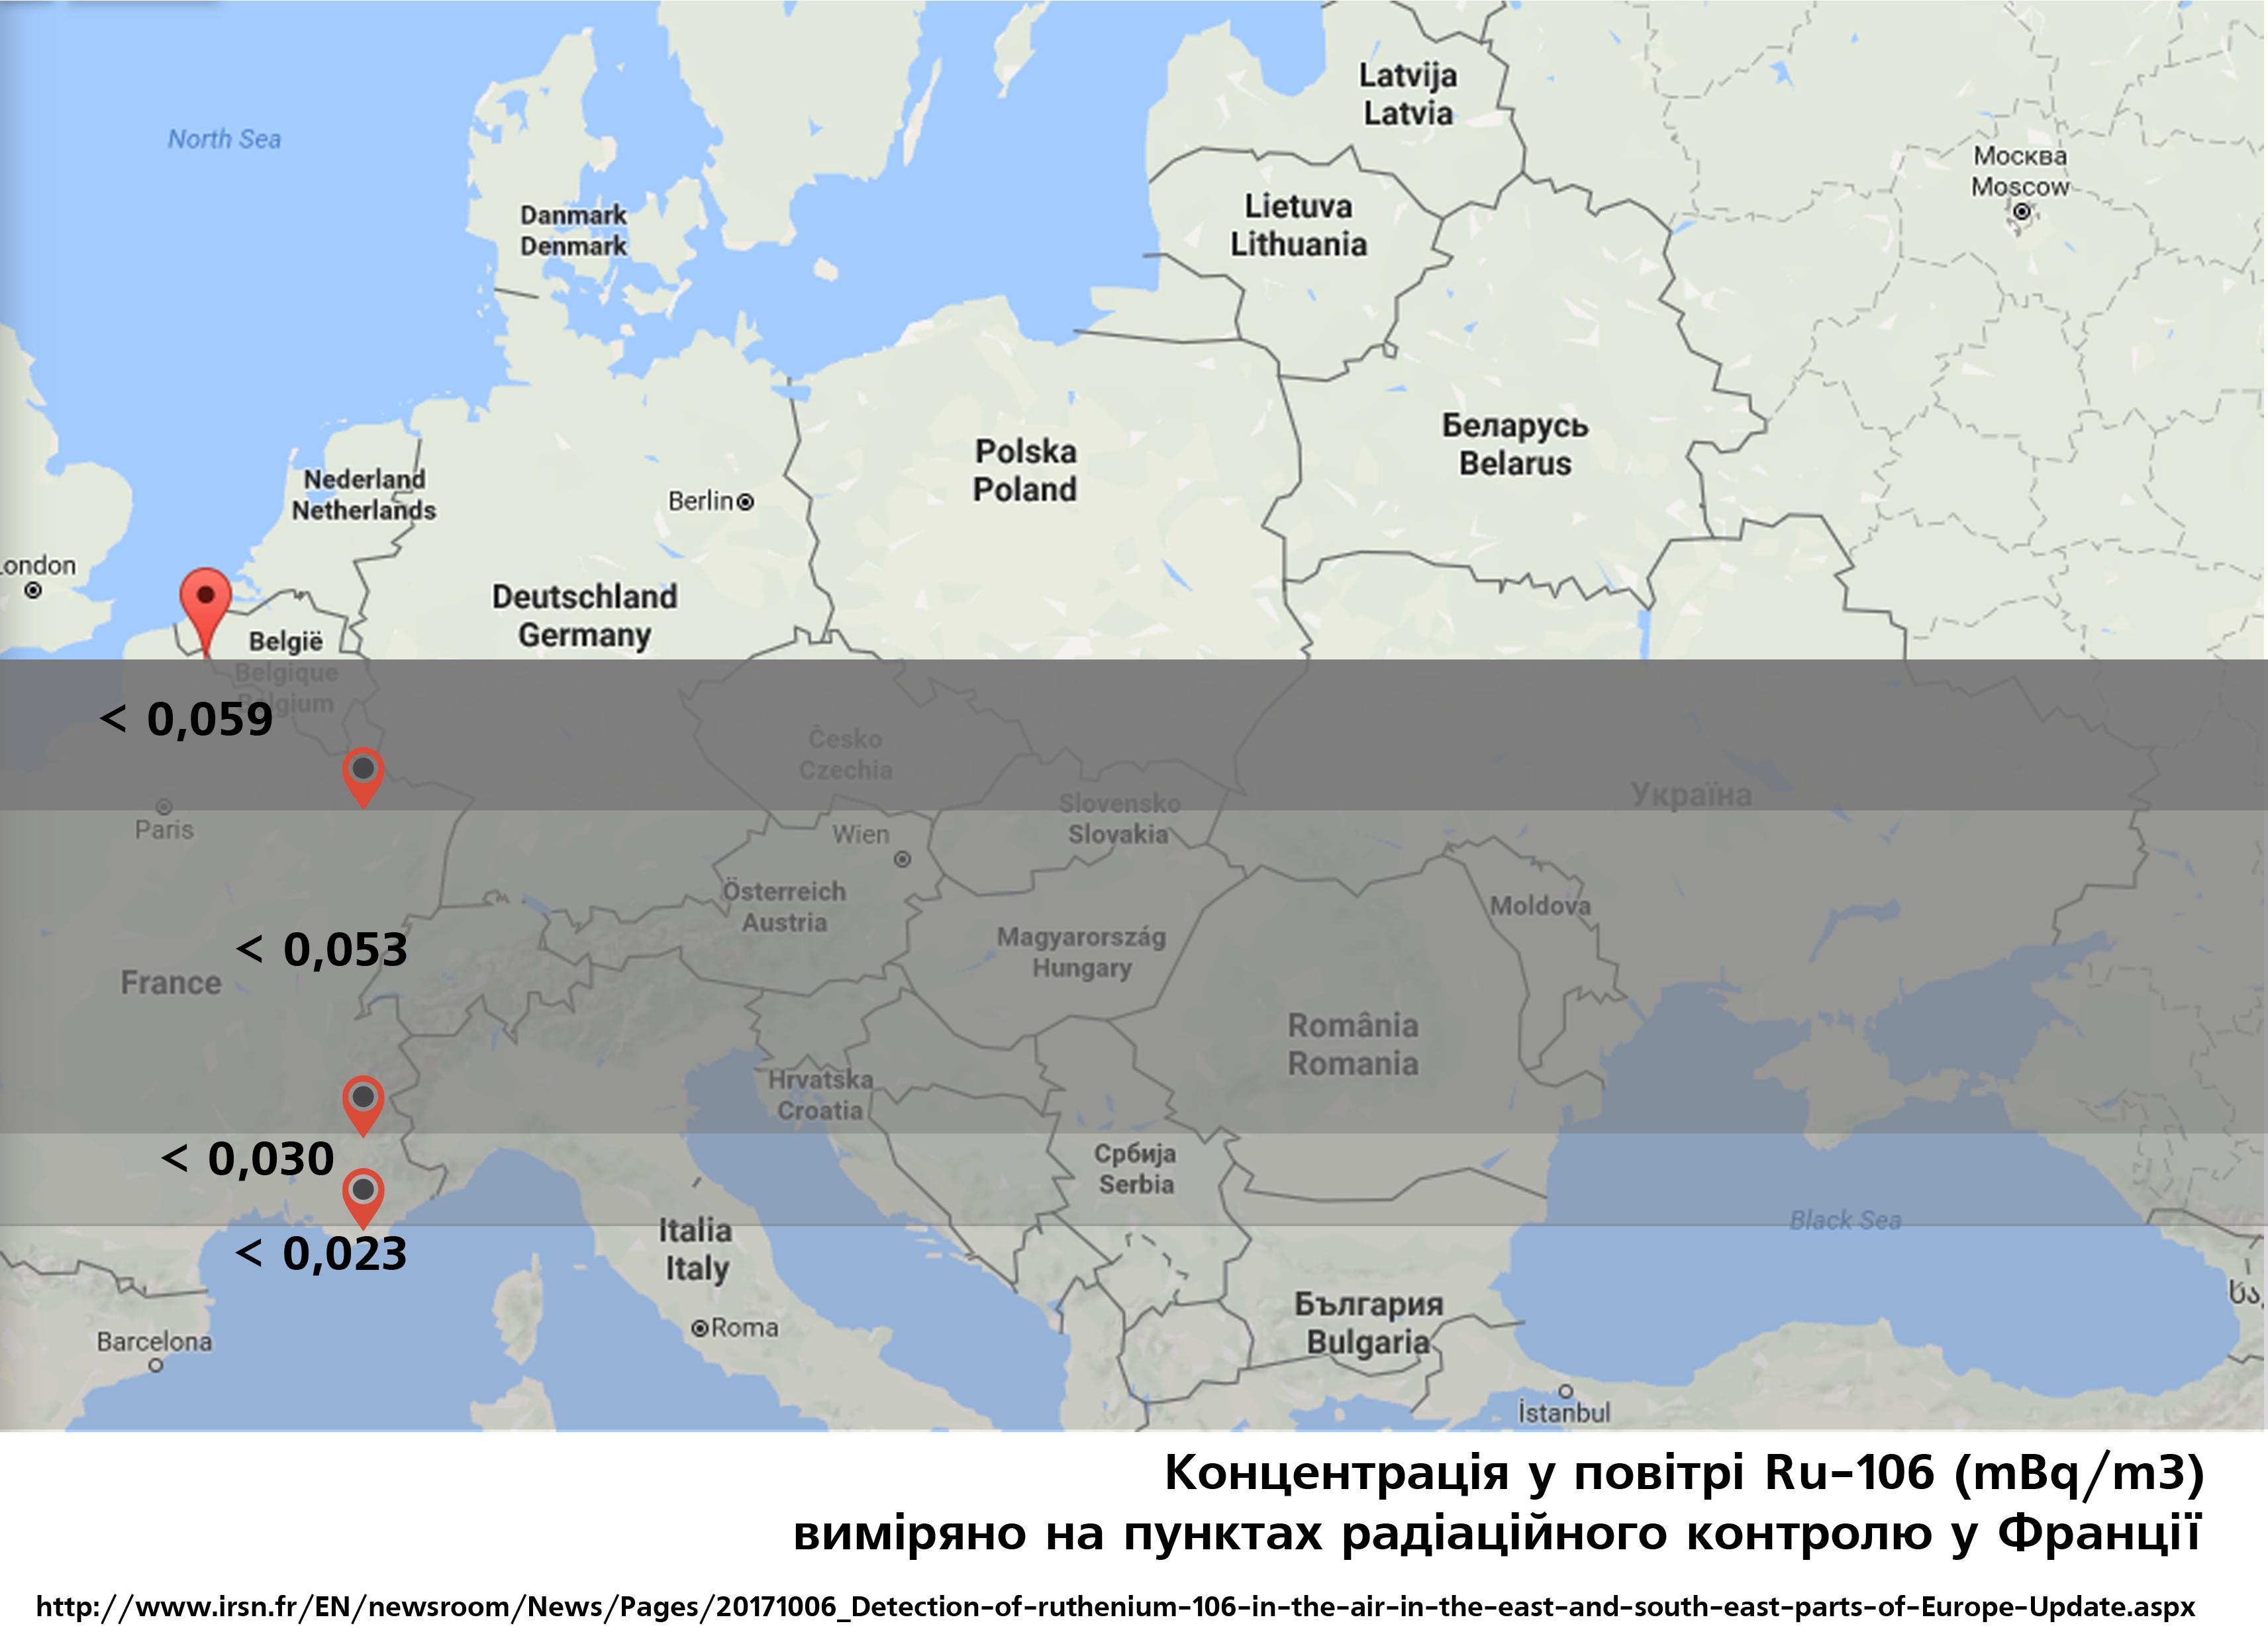 Експерти виключають існування в Україні джерела радіоактивного рутенію-106